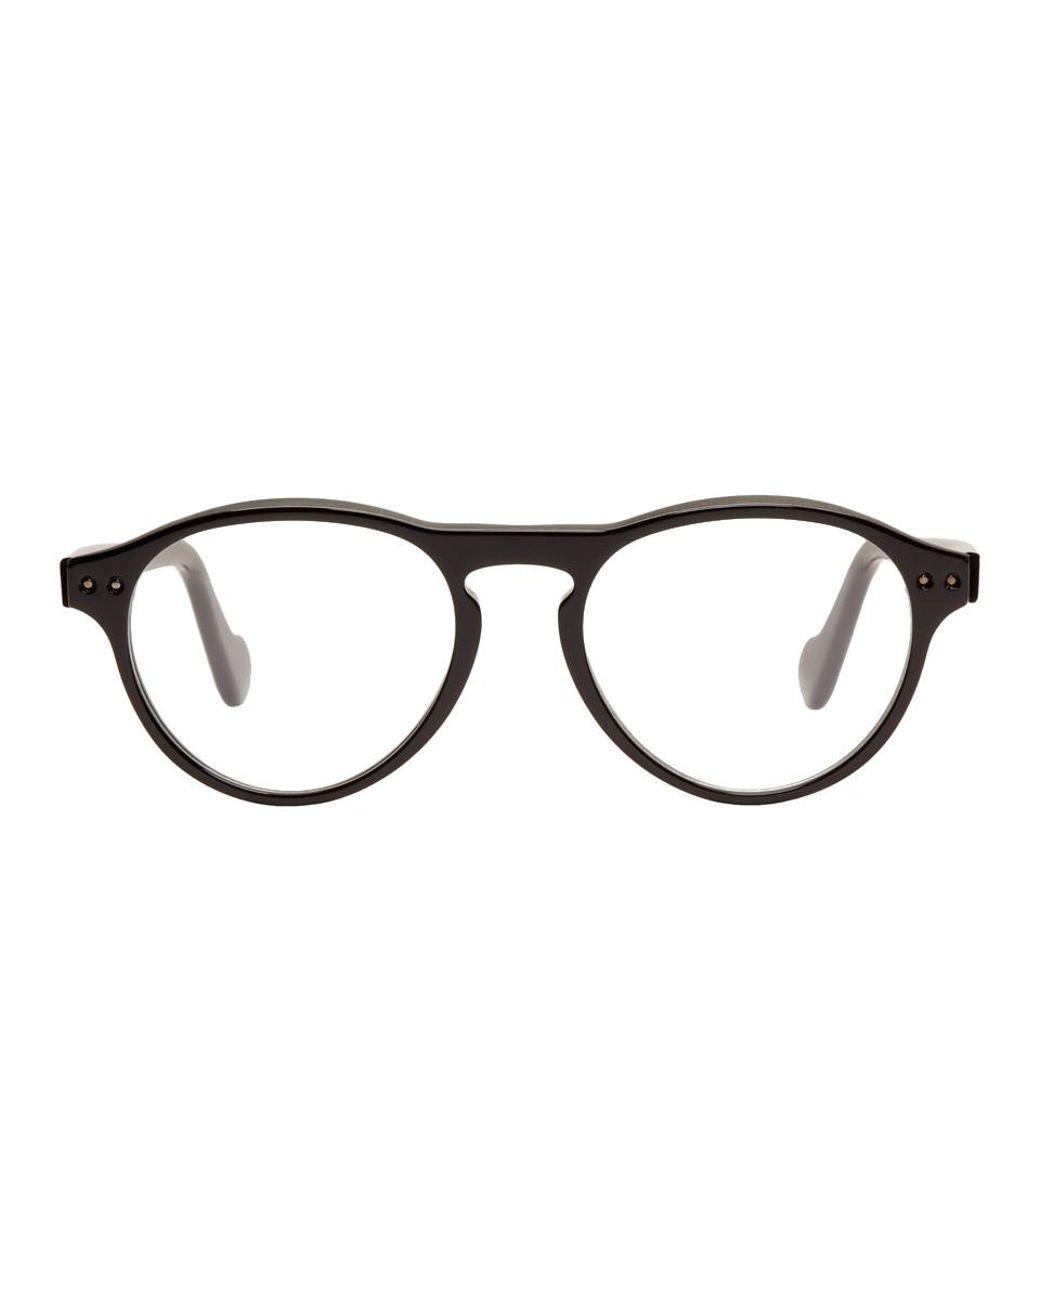 élégant et gracieux achats france pas cher vente Lunettes noires ML5022 homme